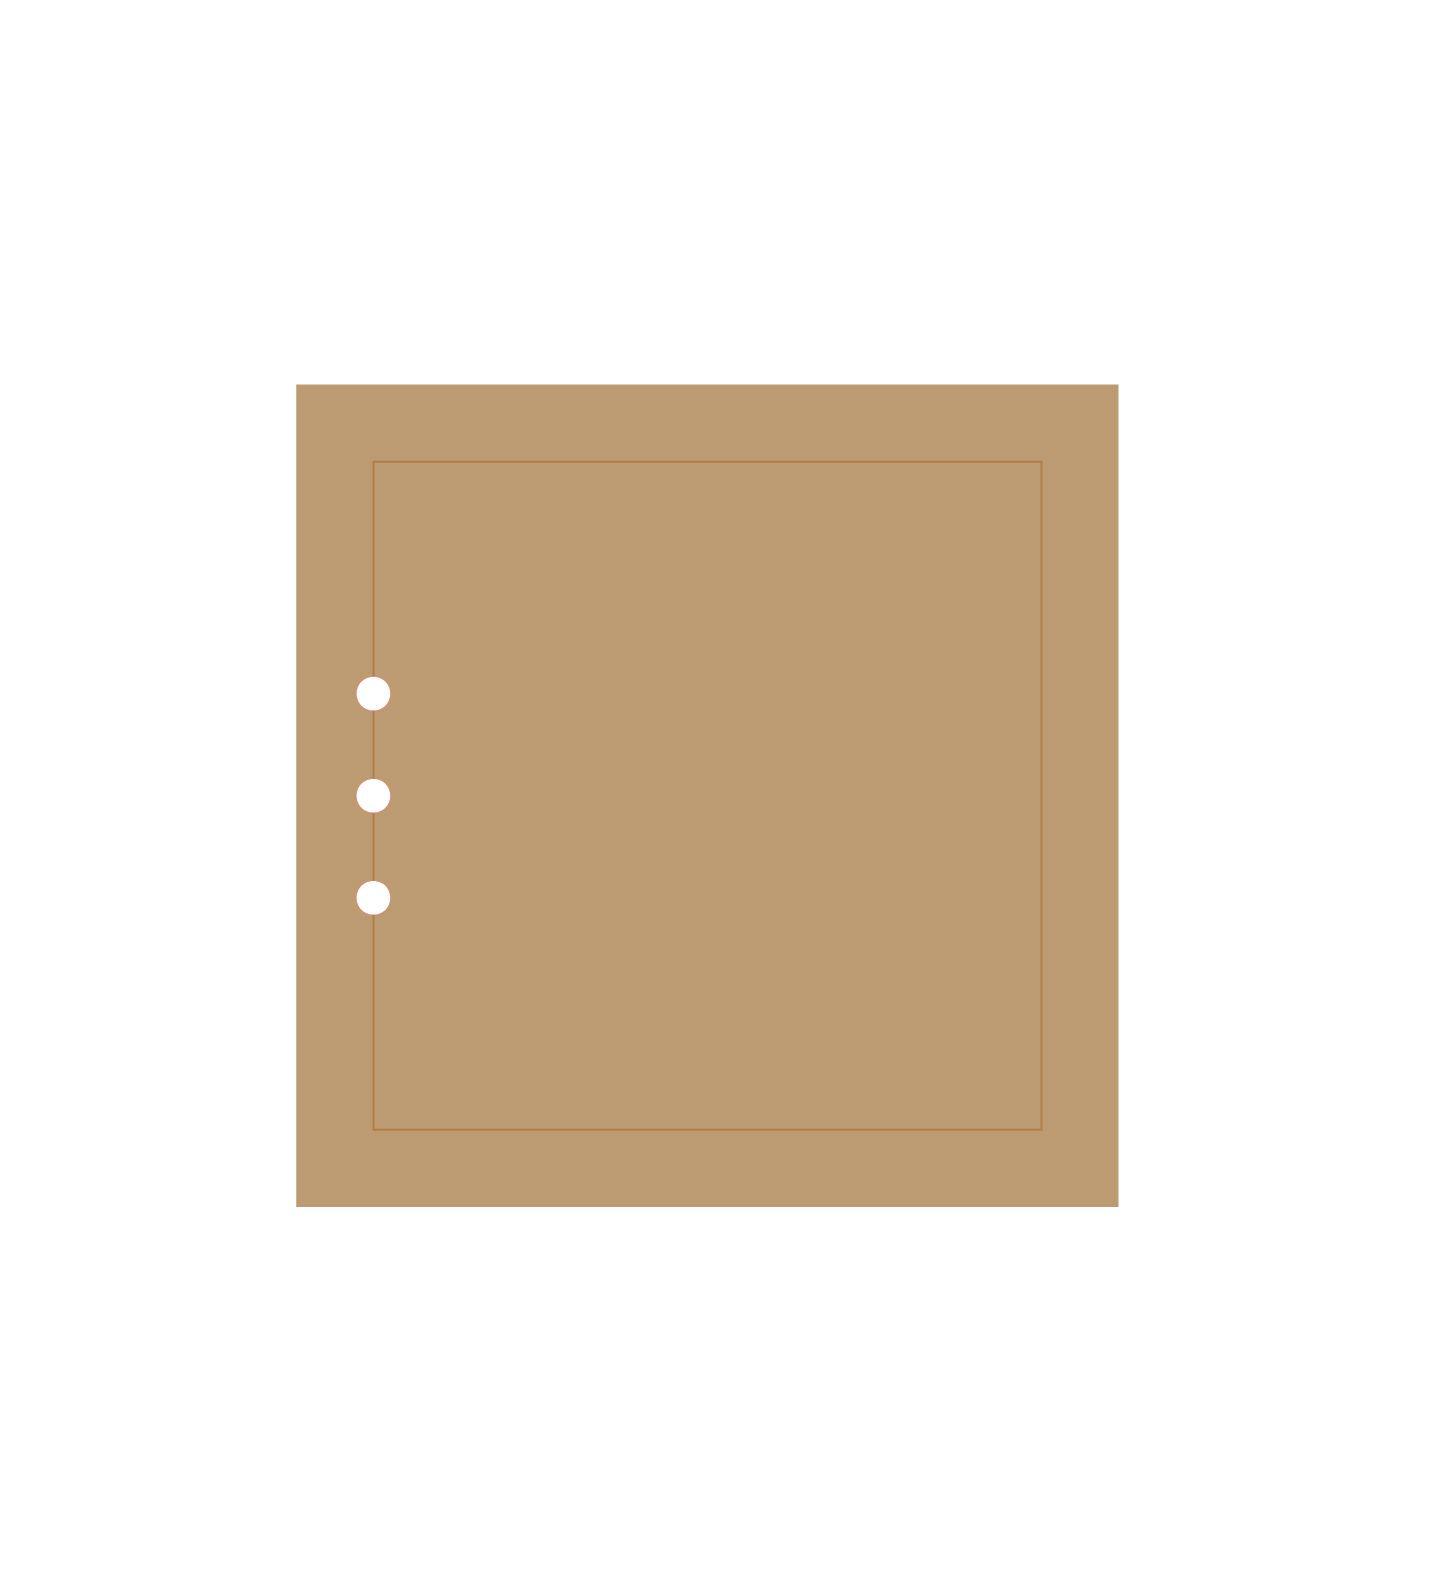 ALBUM 14.4 X 14.4 CM - GRAVE